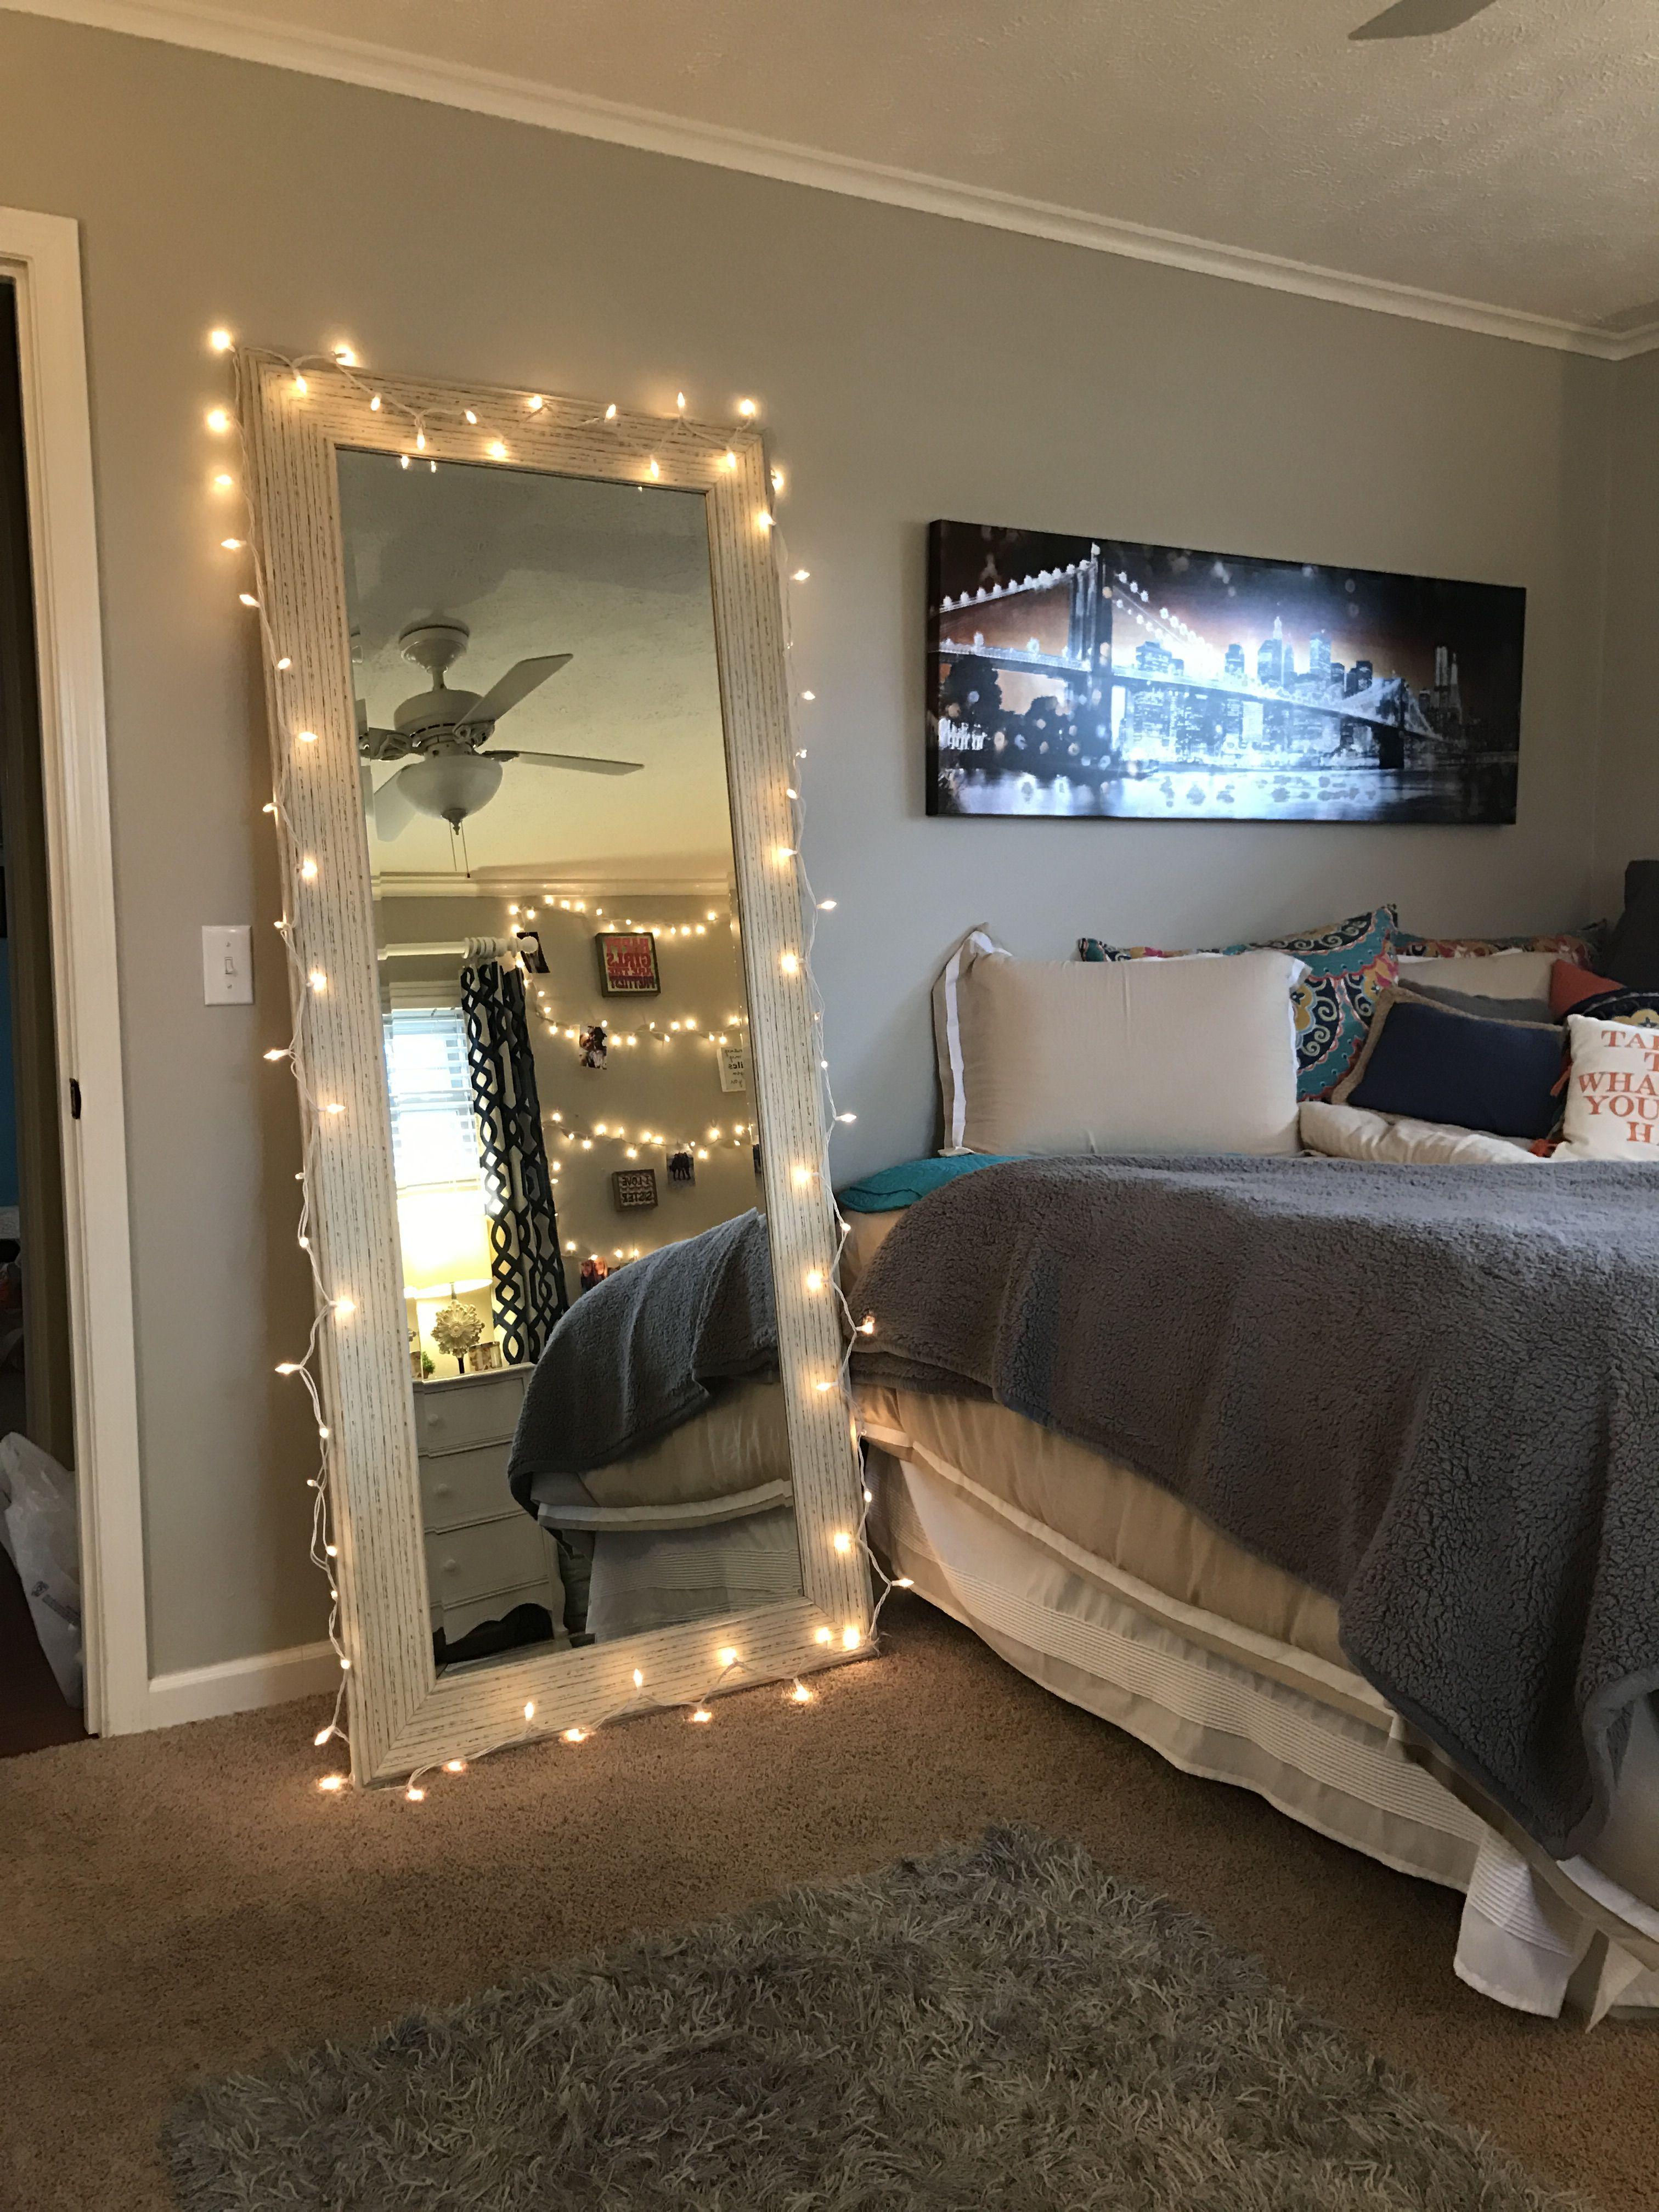 decora o para espelho quartos tumblr teen bedroom layout bedroom decor teen bedroom inspo [ 3024 x 4032 Pixel ]